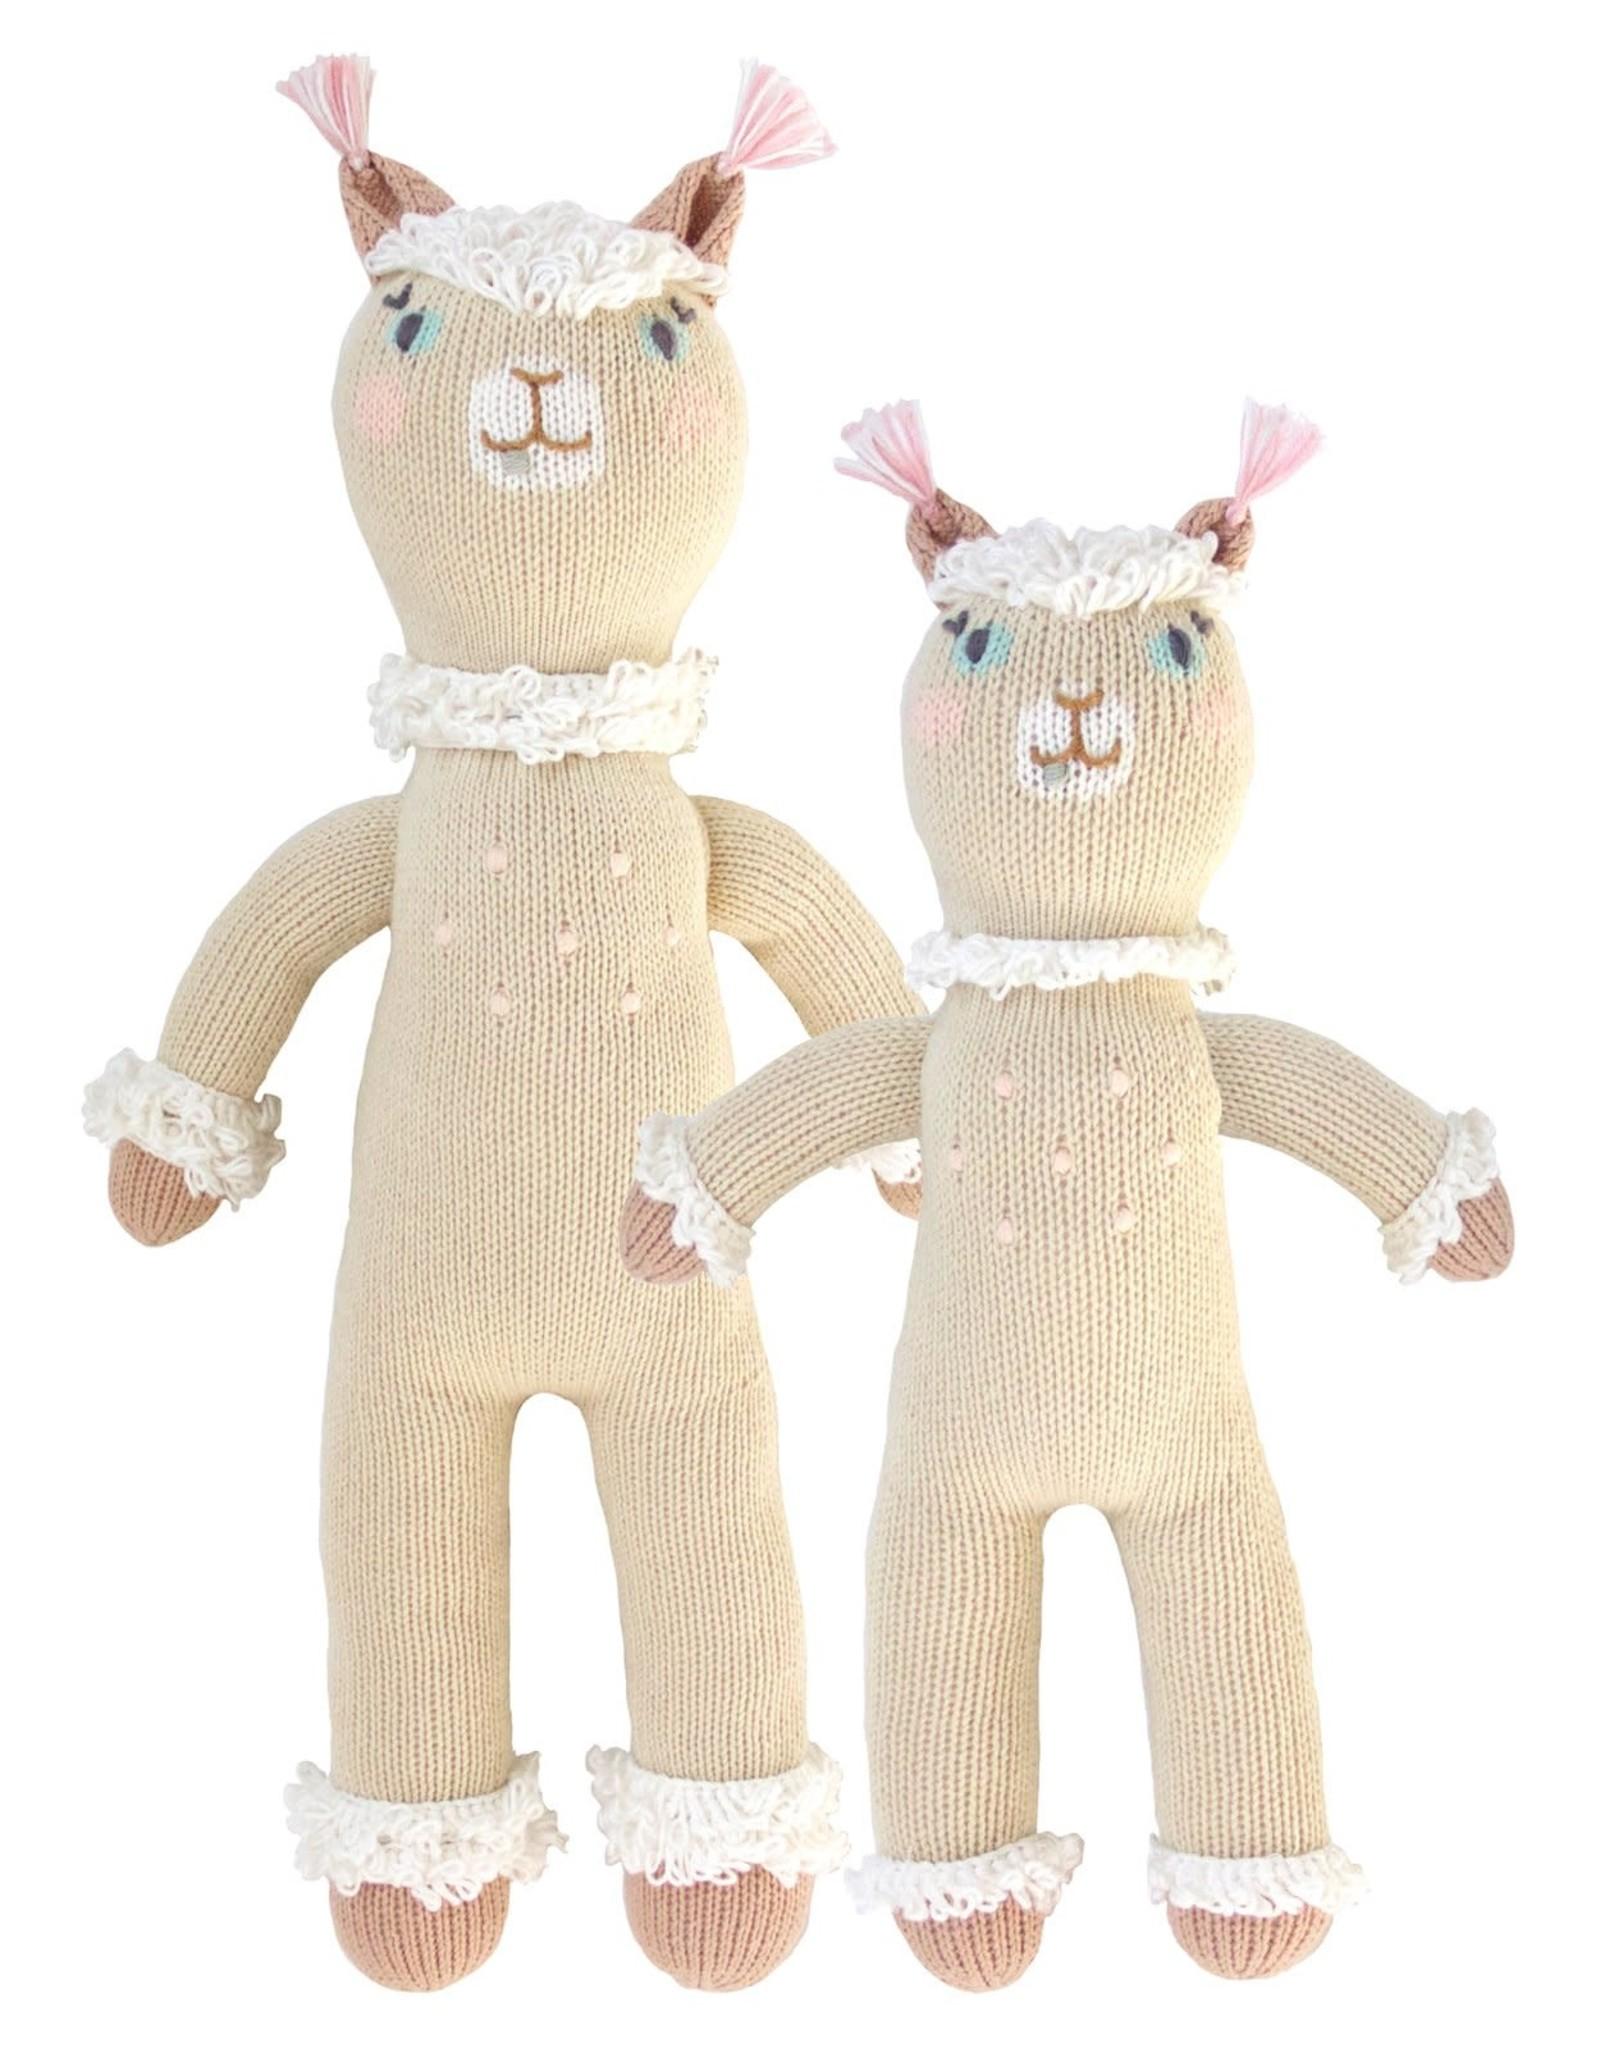 Bla Bla BlaBla Mini Dolls